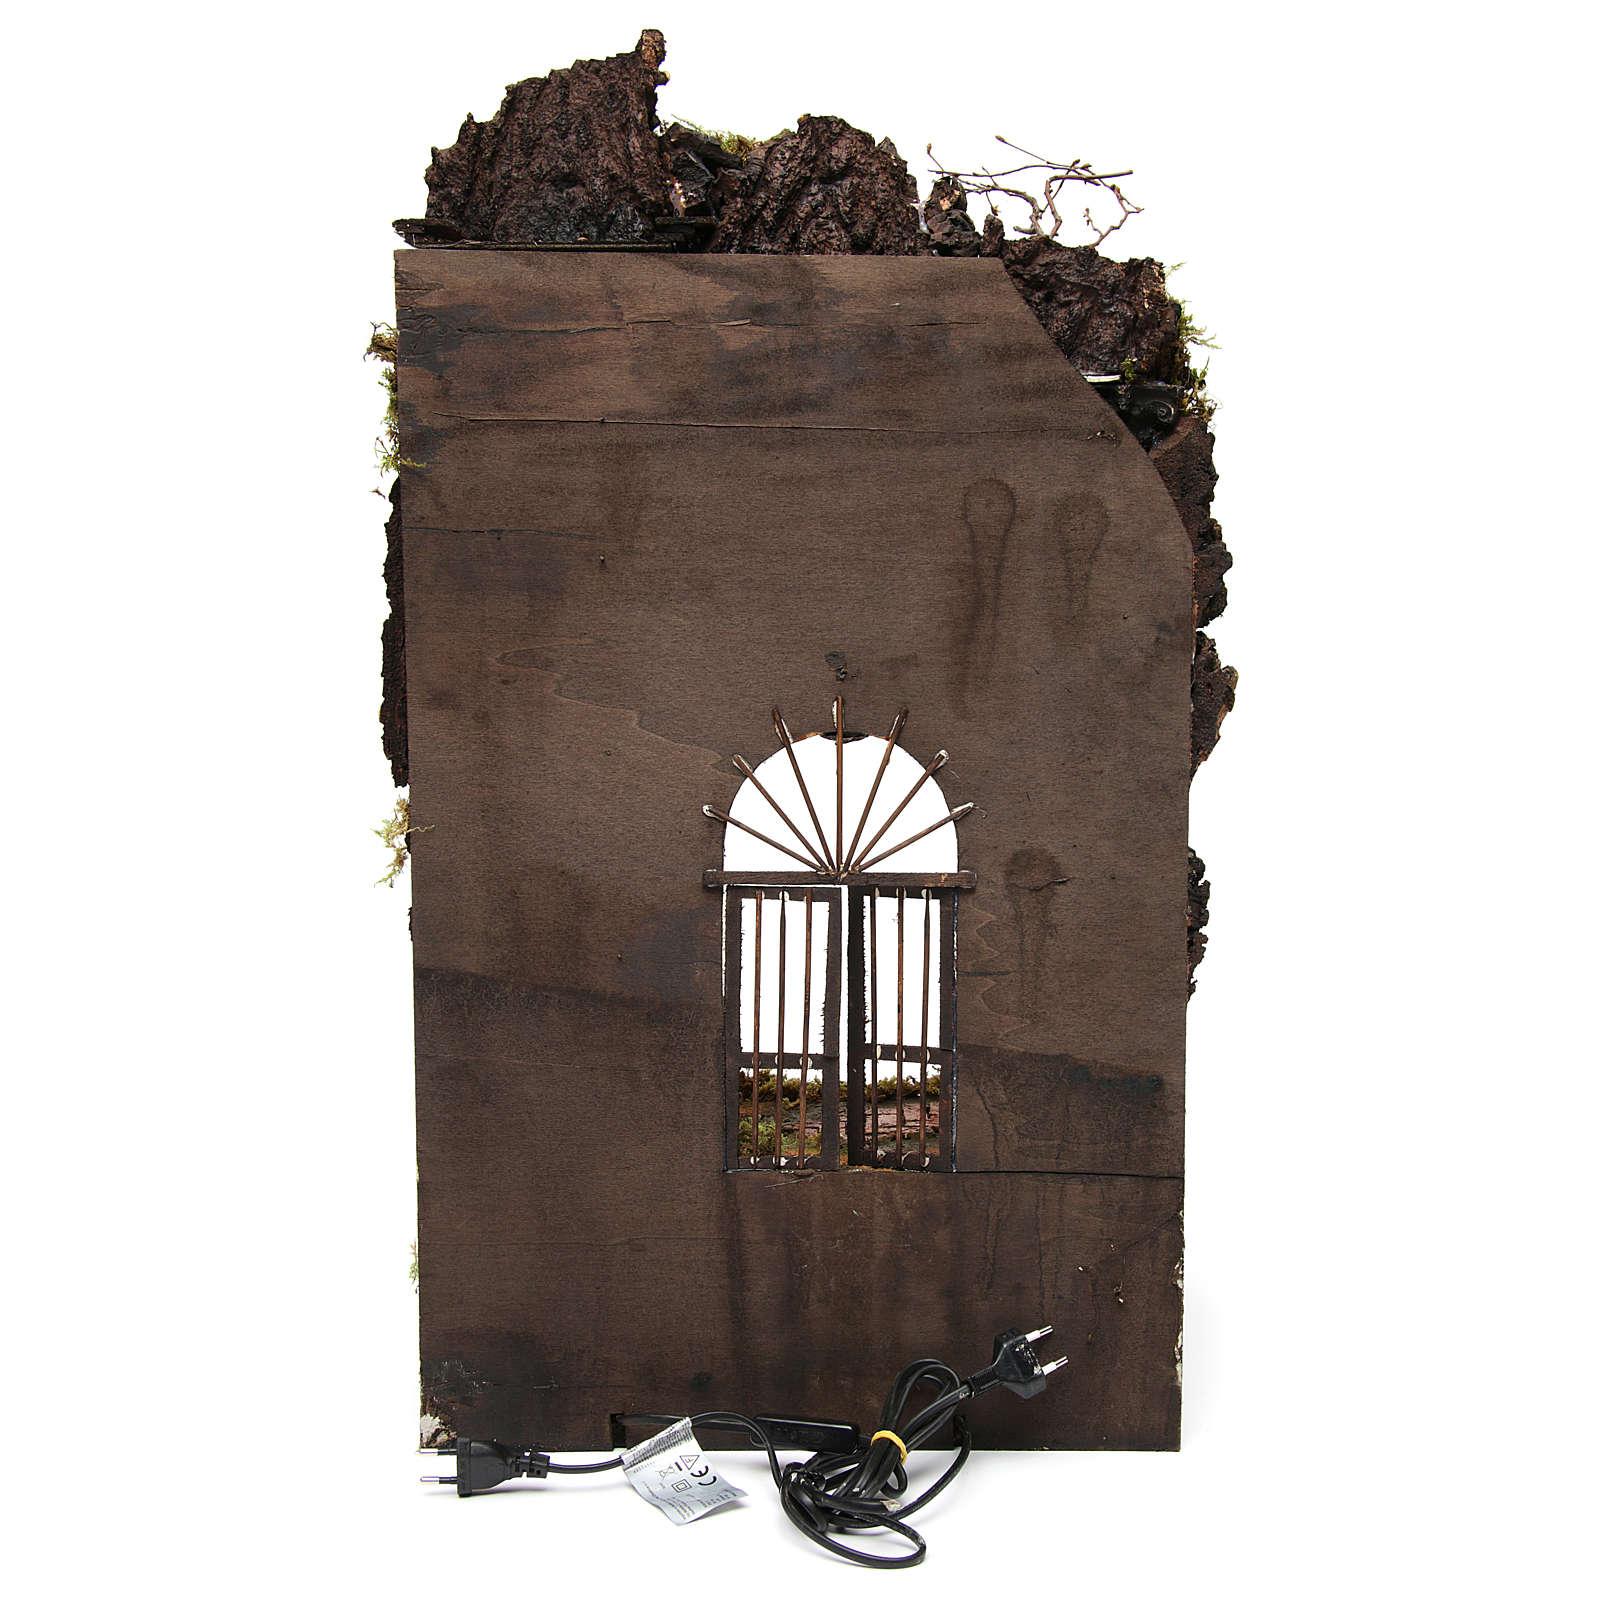 Ambientazione presepe napoletano ingresso palazzo con fontana 70x40x40 cm 4